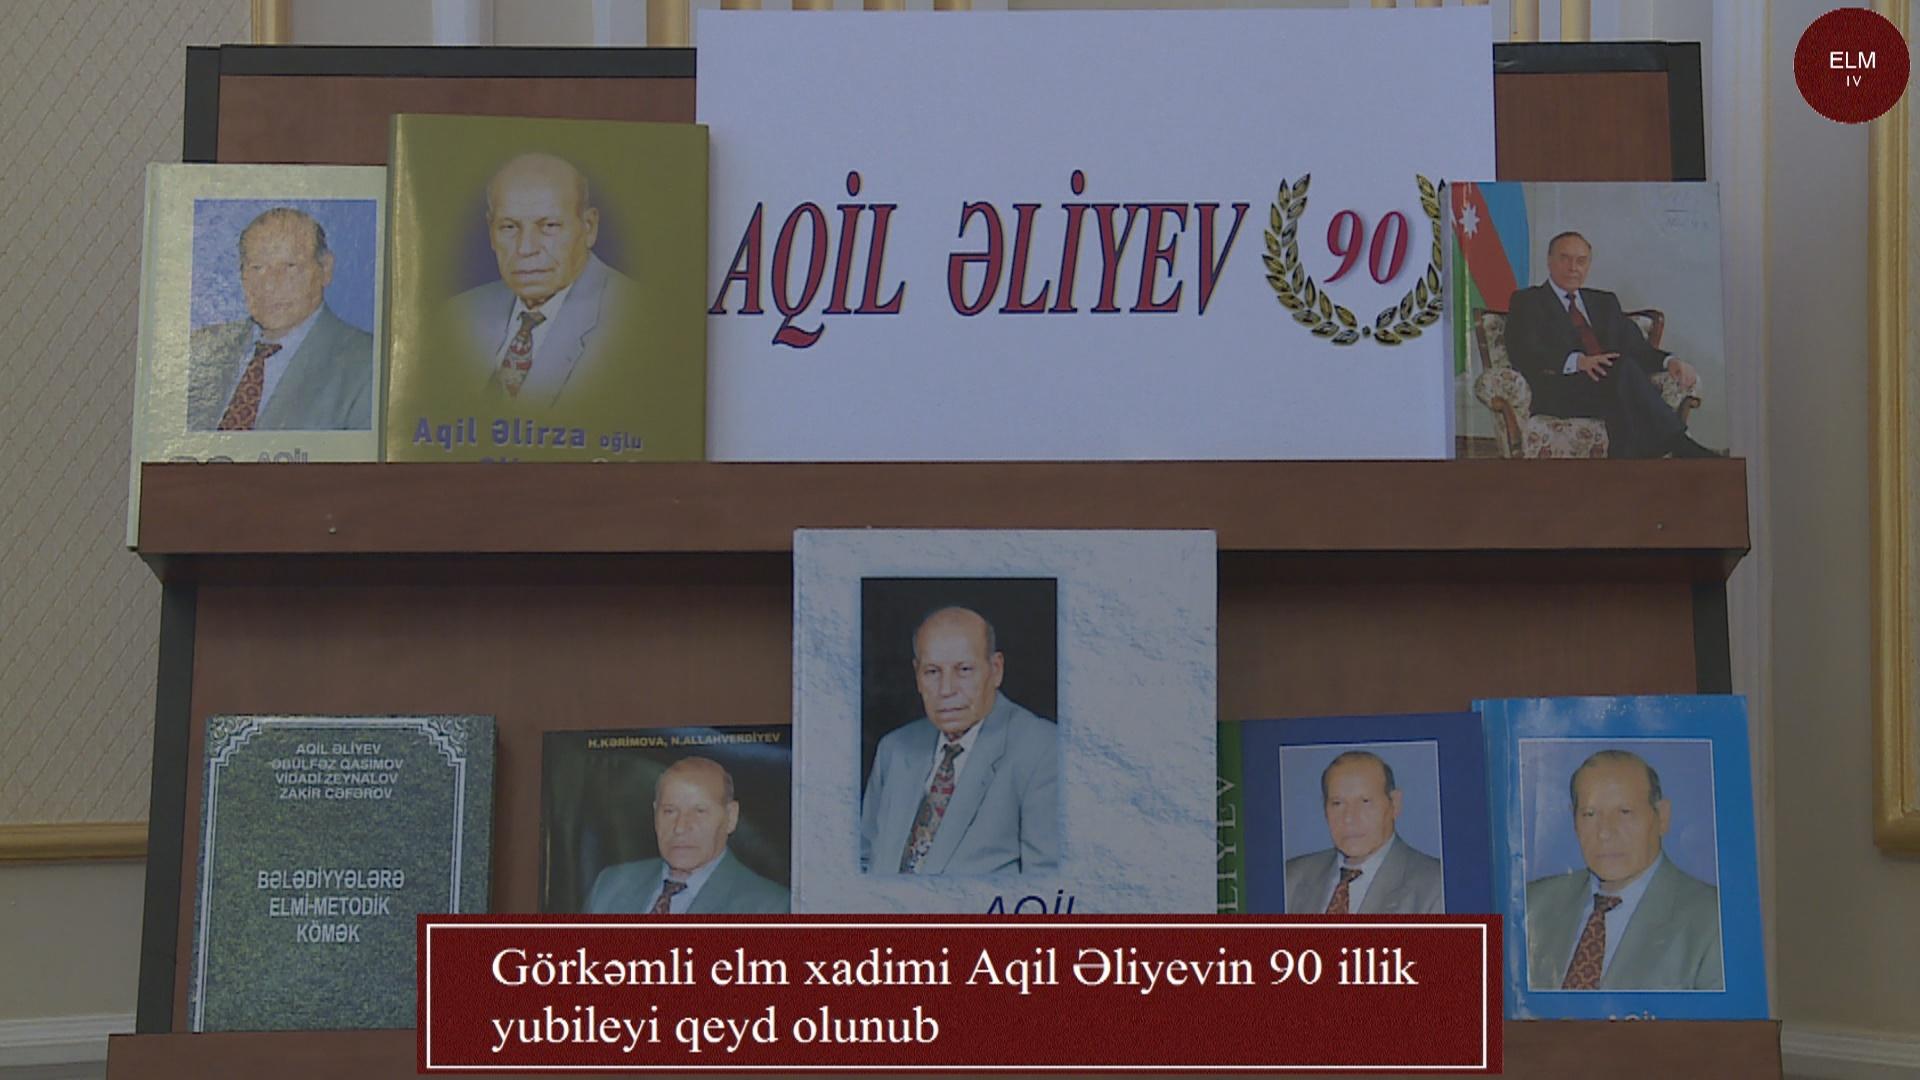 Görkəmli elm xadimi Aqil Əliyevin 90 illik yubileyi qeyd olunub